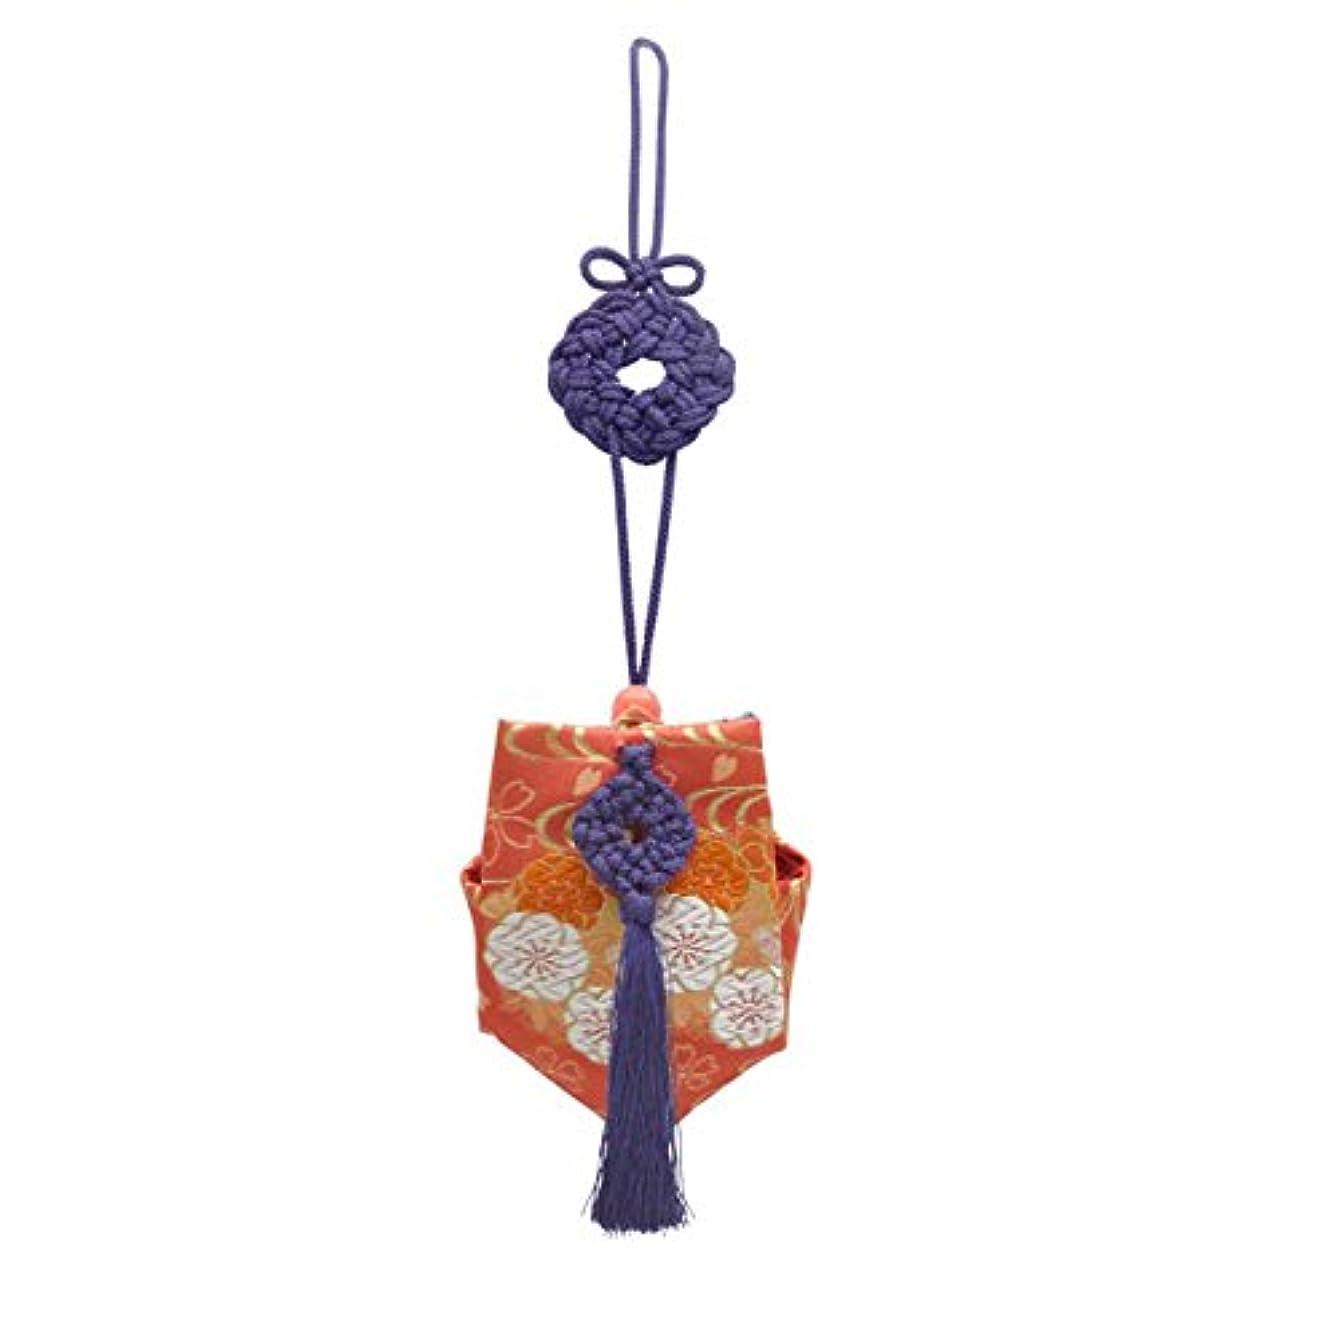 パス価格消す訶梨勒 上品 紙箱入 紫紐/花紋